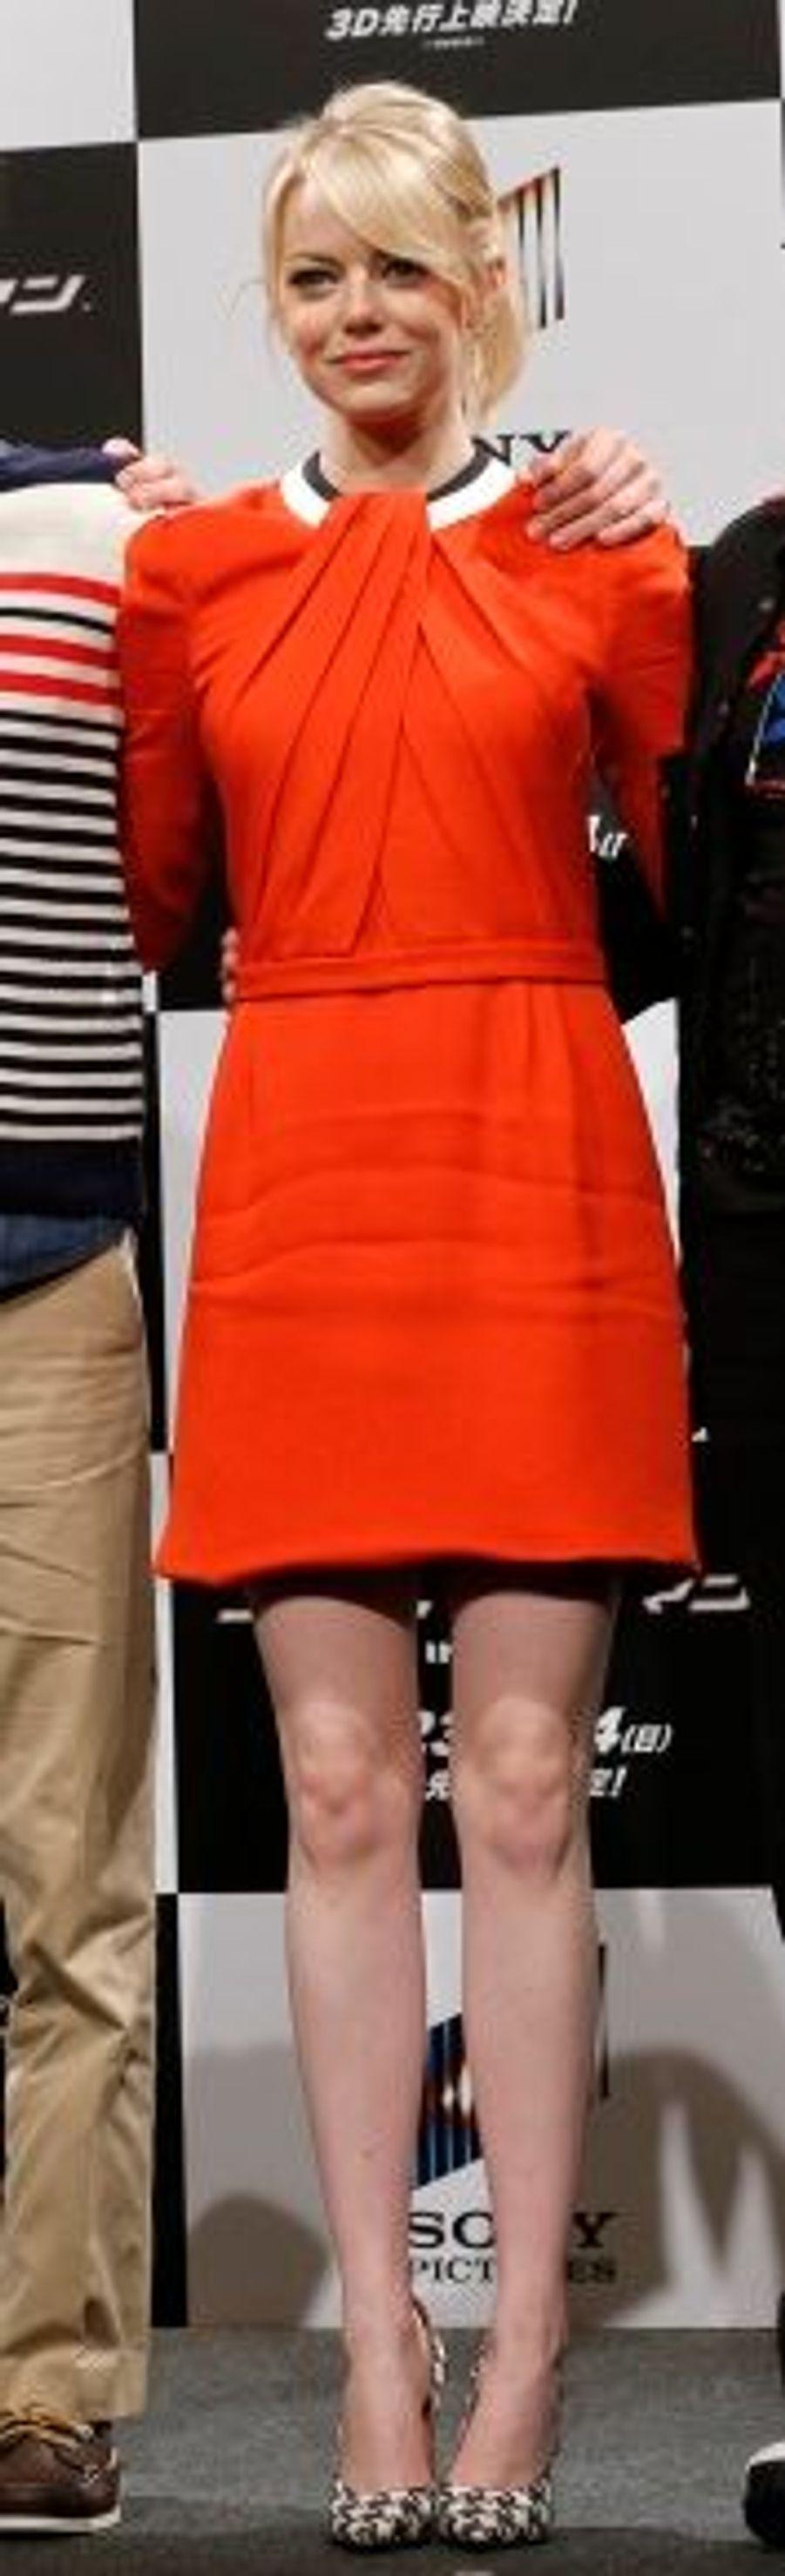 Le 13 juin, Tokyo. En conférence de presse, elle était vêtue d'une robe orangée Rue du Mail.